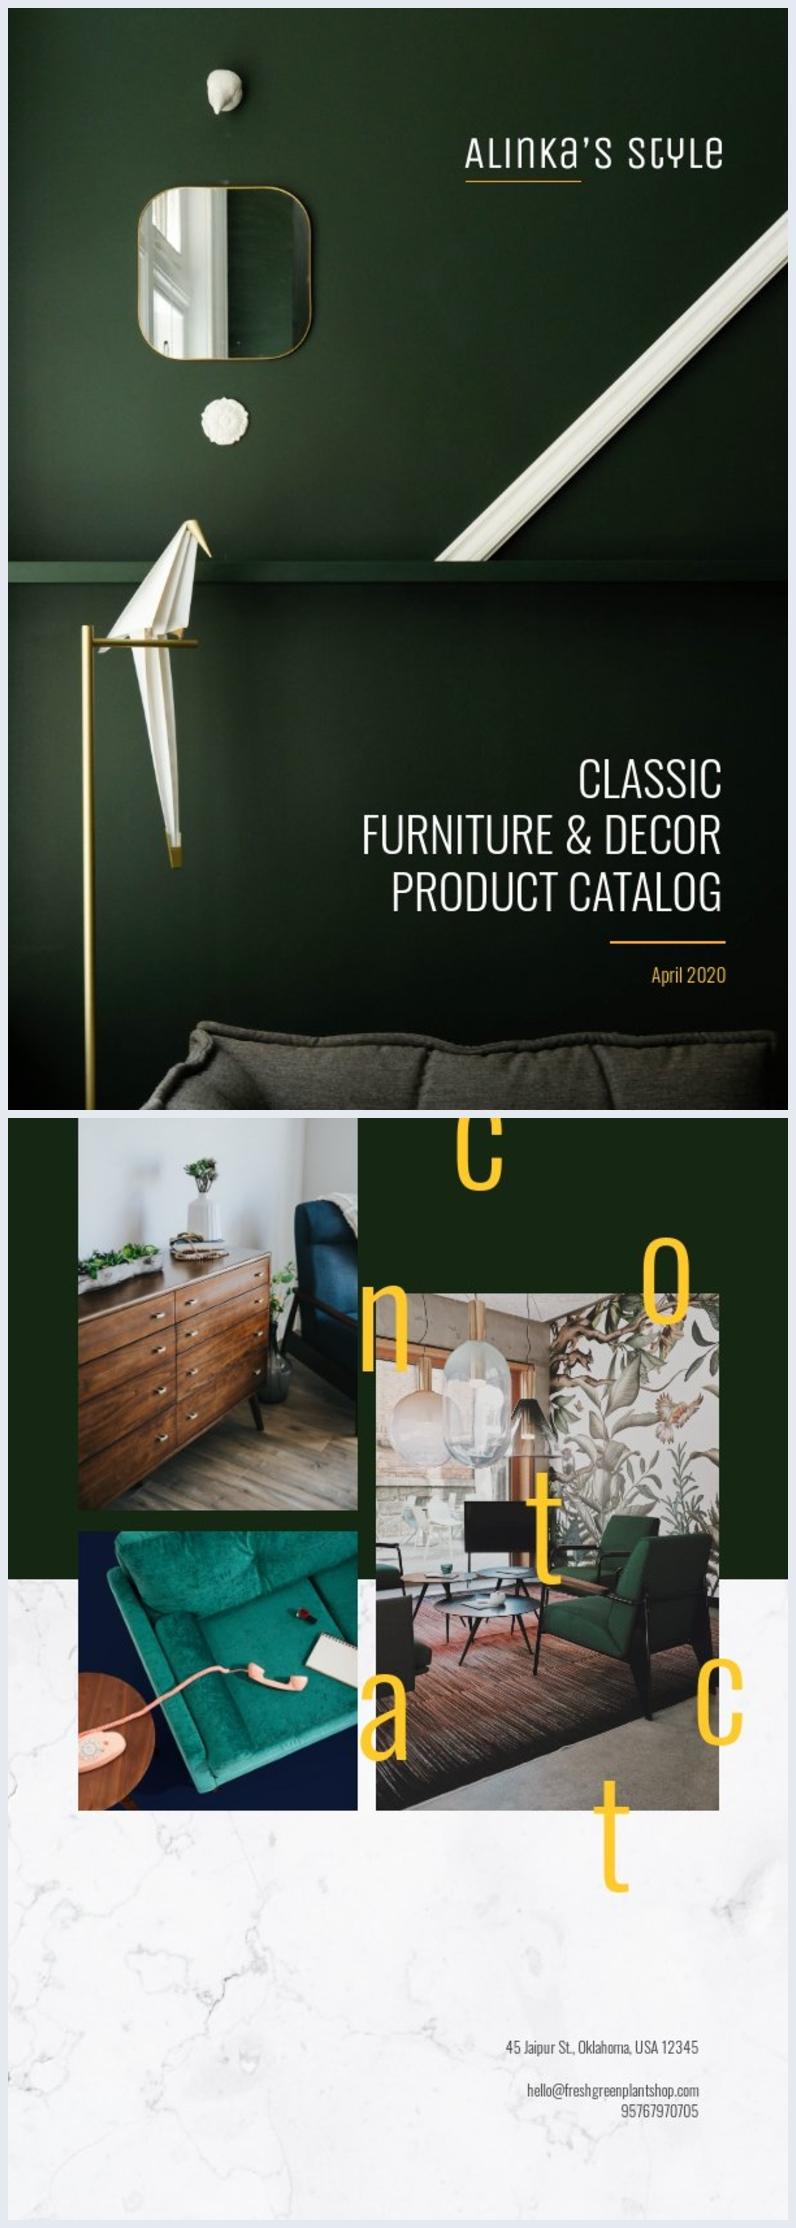 Design de Capa de Catálogo de Produtos Clássico